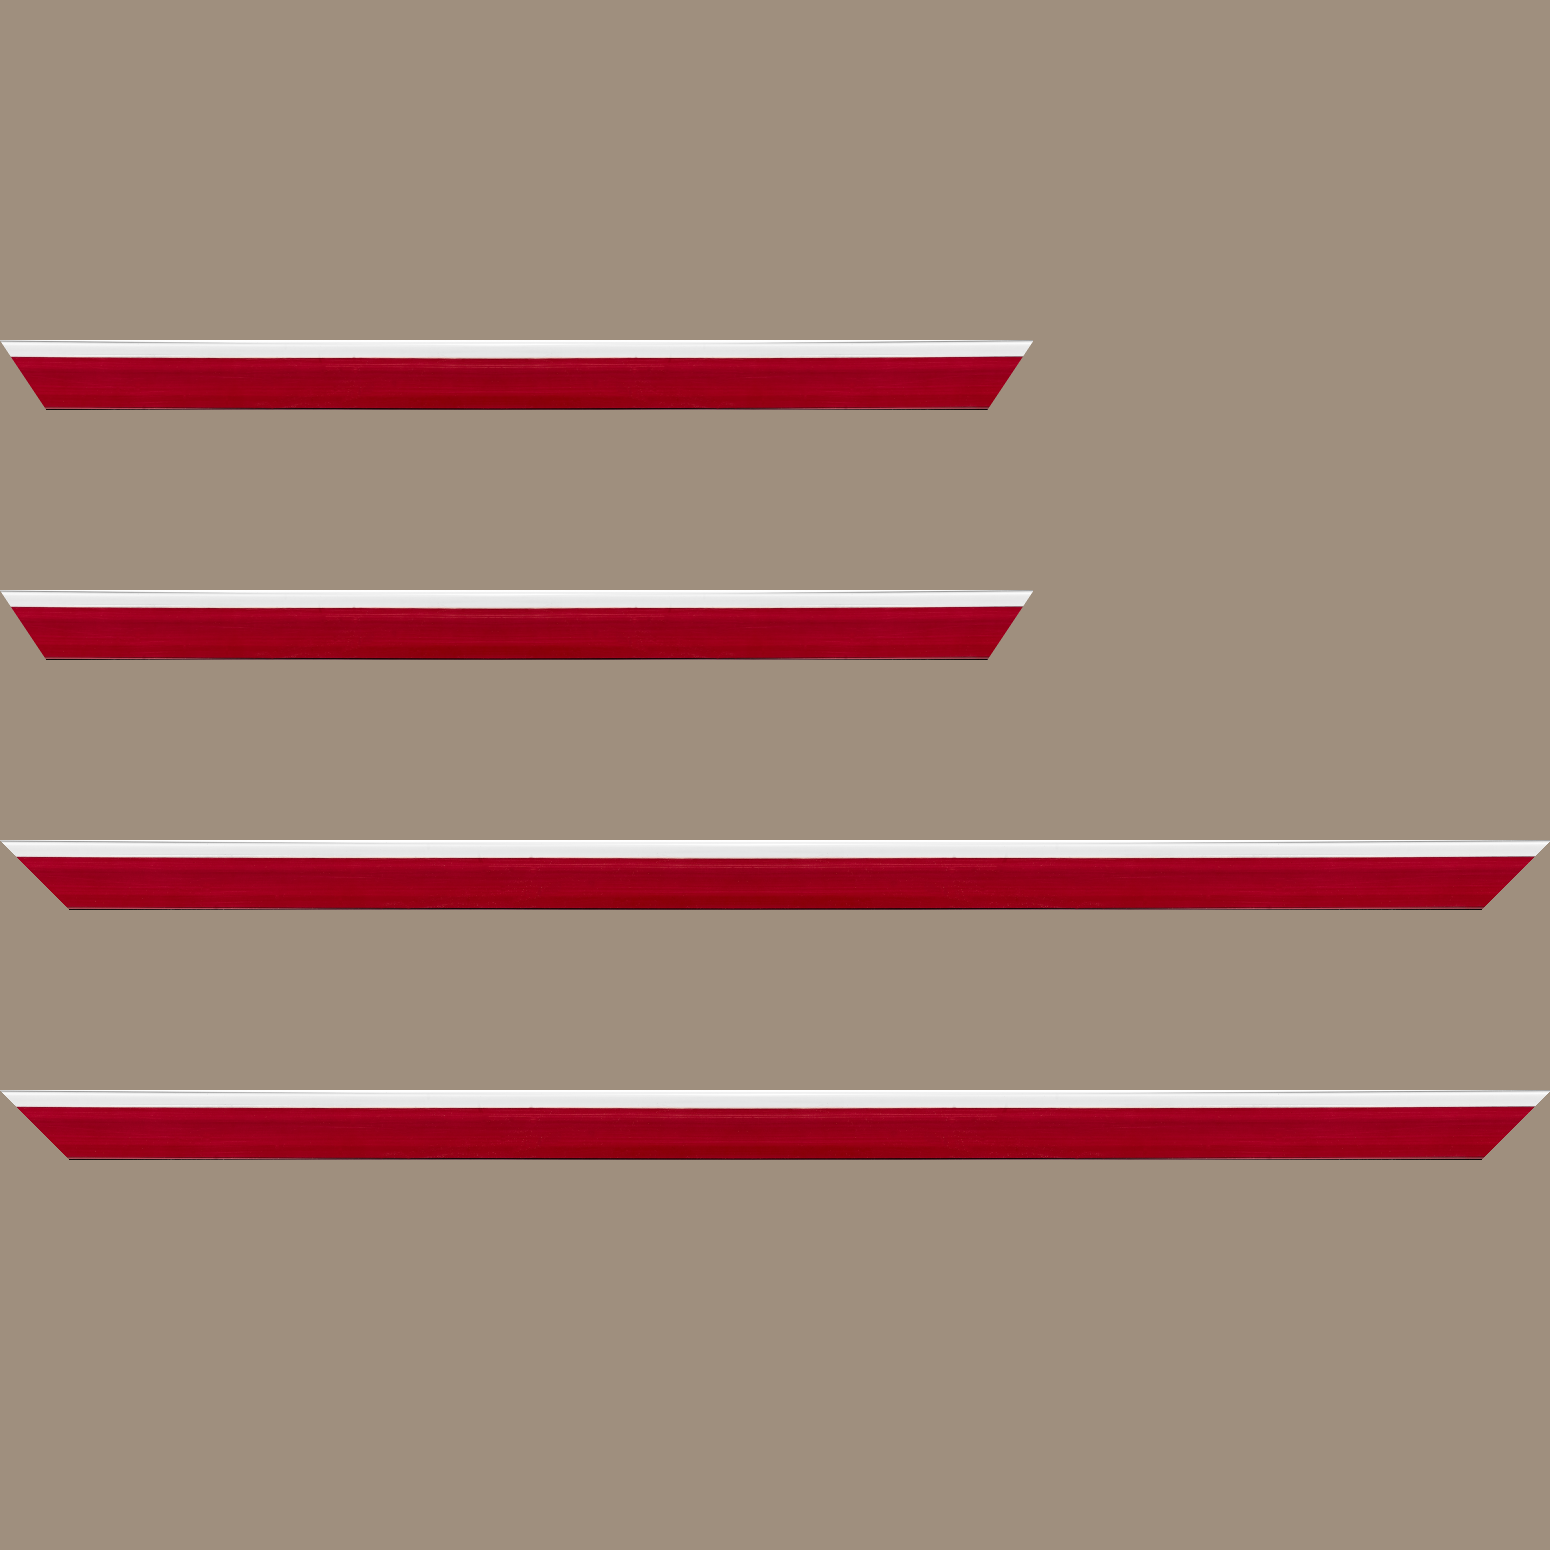 Baguette service précoupé Bois profil en pente plongeant largeur 2.2cm couleur rouge grenat laqué filet blanc extérieur laqué